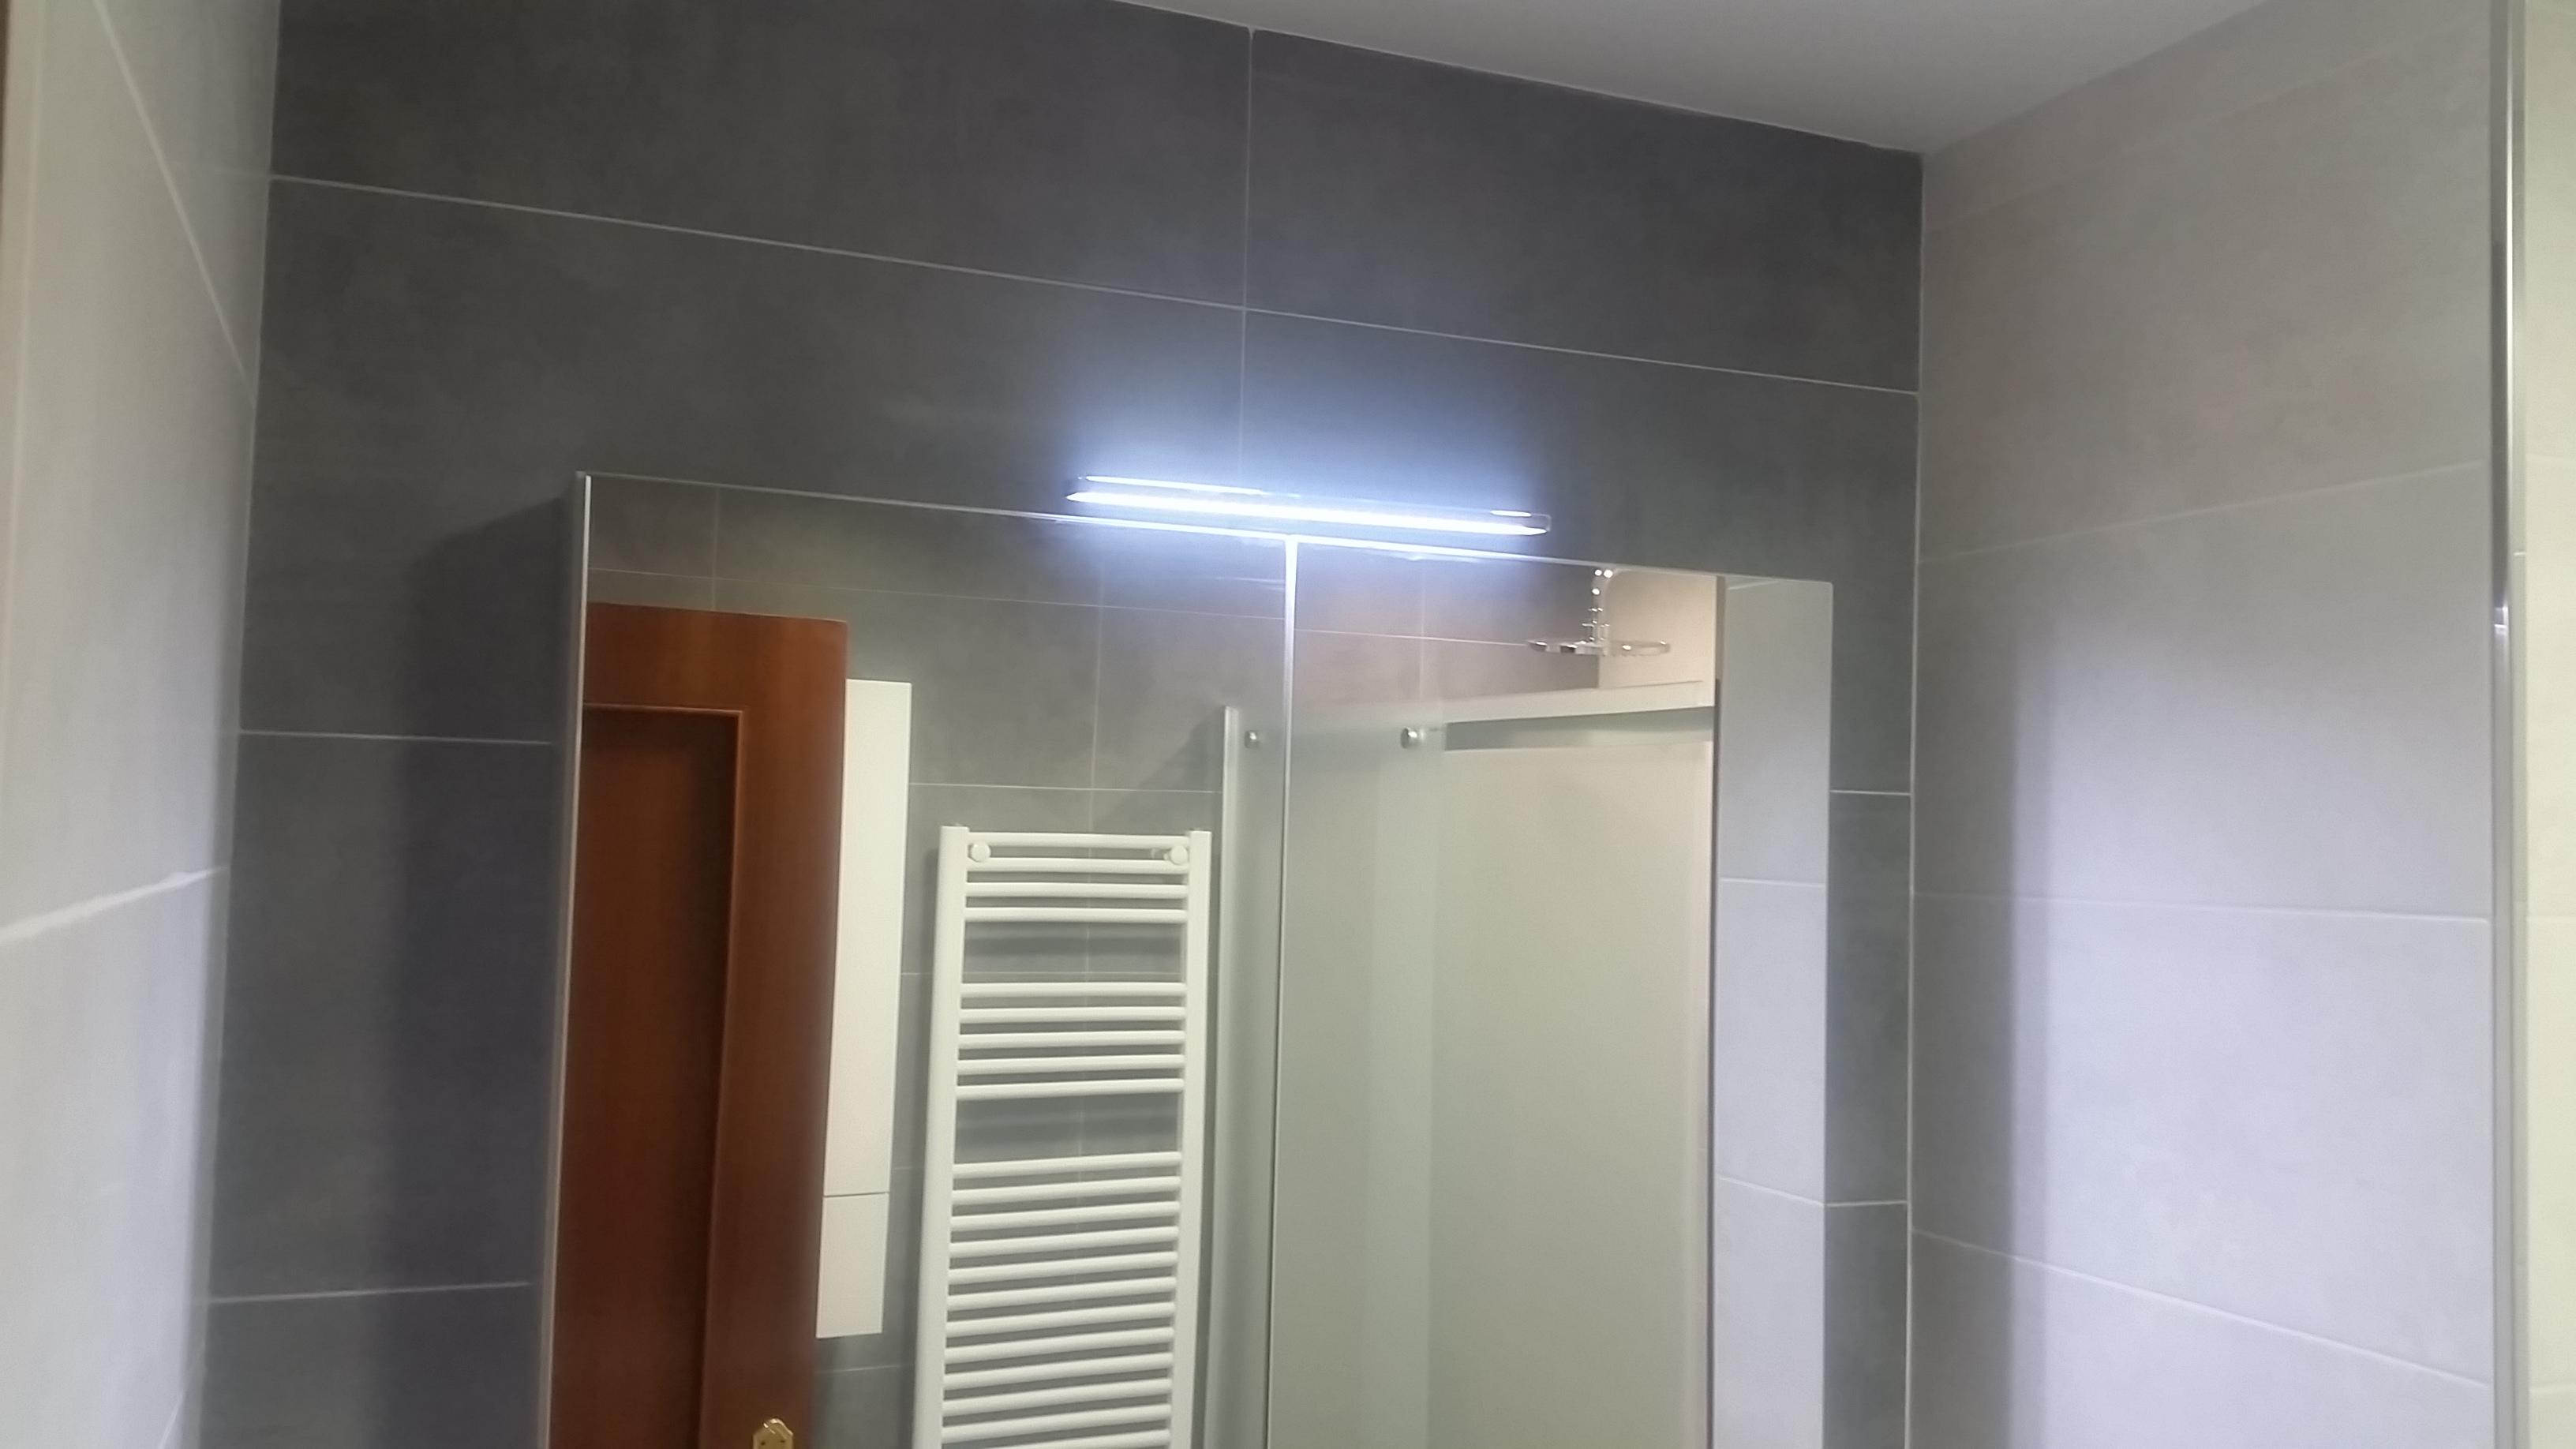 después-Baños-express-Baño-reforma-coruña-cambio bañera por plato de ducha-aseo-renovar-contratista-empresa-de-reformas-renueve su casa4